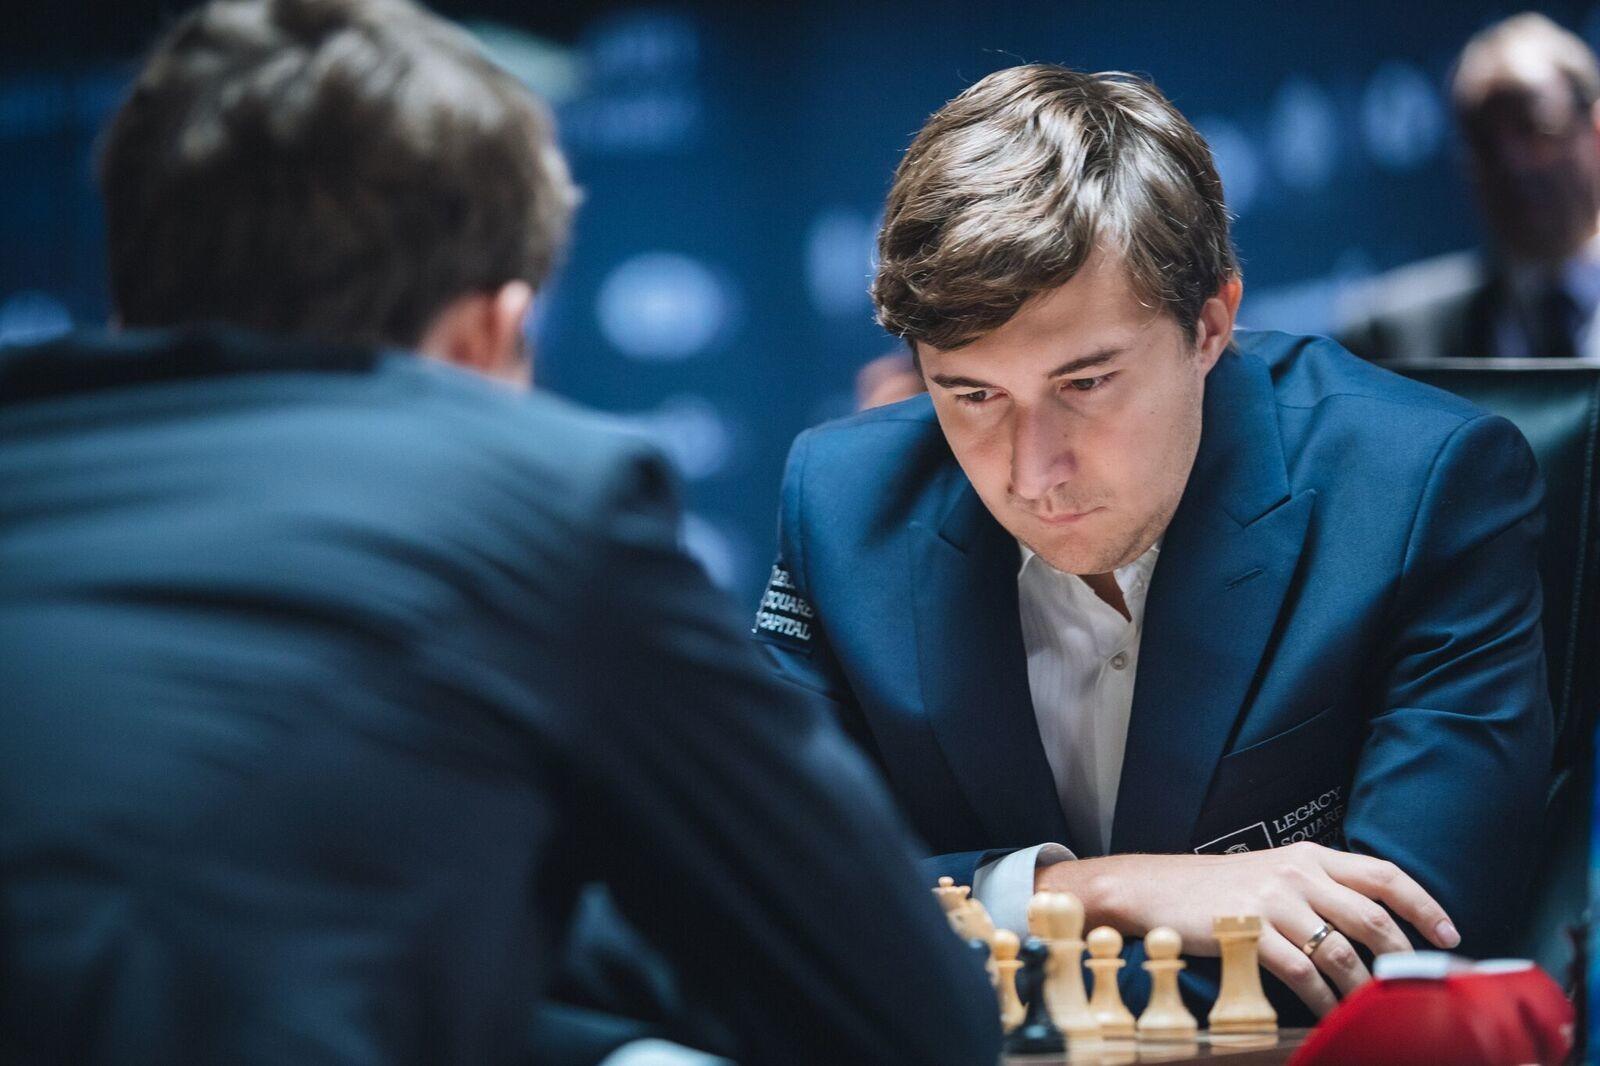 Шахматный овертайм: что ждёт Карякина и Карлсена в случае ничьей в последней партии